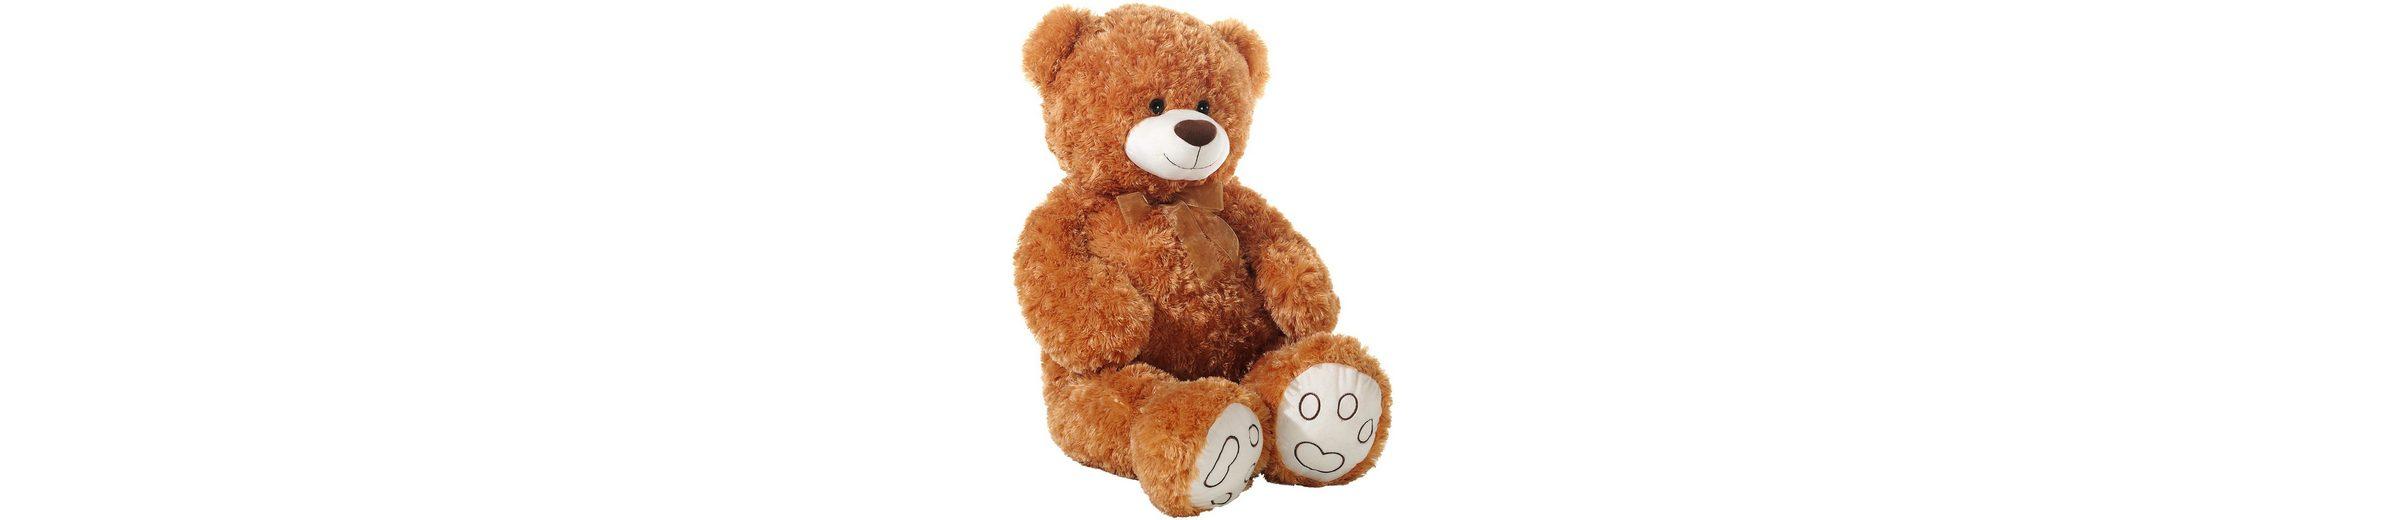 Heunec Schlenkerteddy mit Schleife, braun, »Bär«